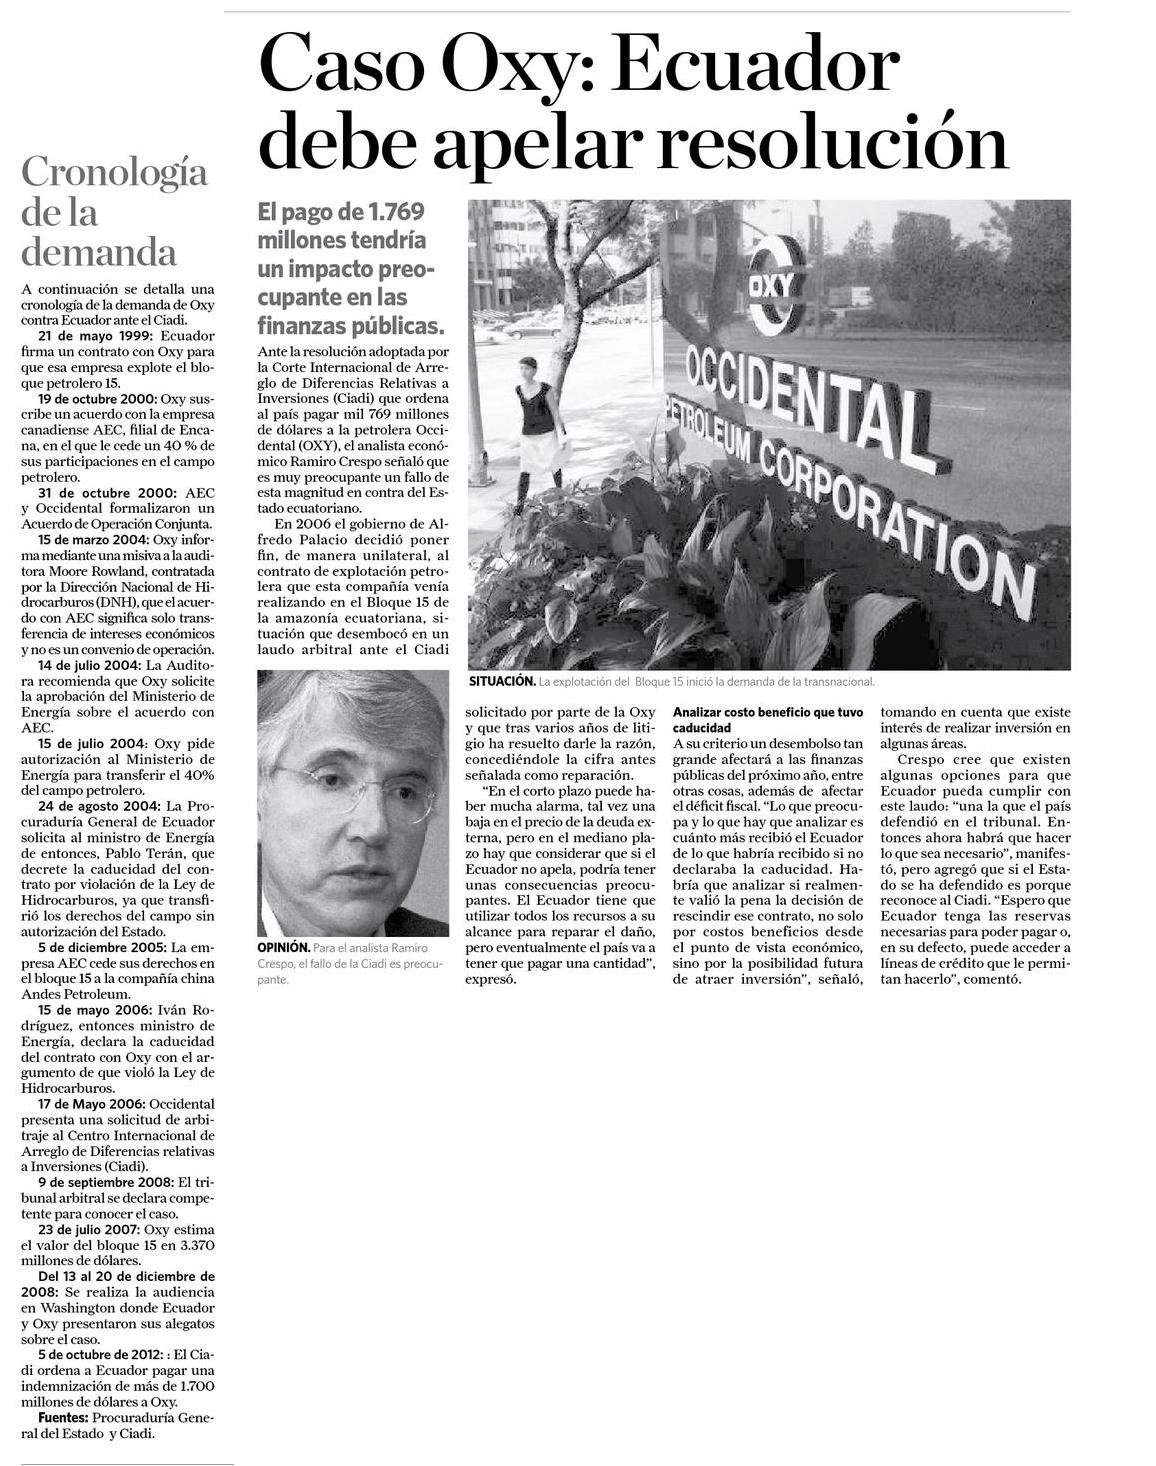 67-La Hora, Caso Oxy, Ecuador debe apelar resolucion 07 10